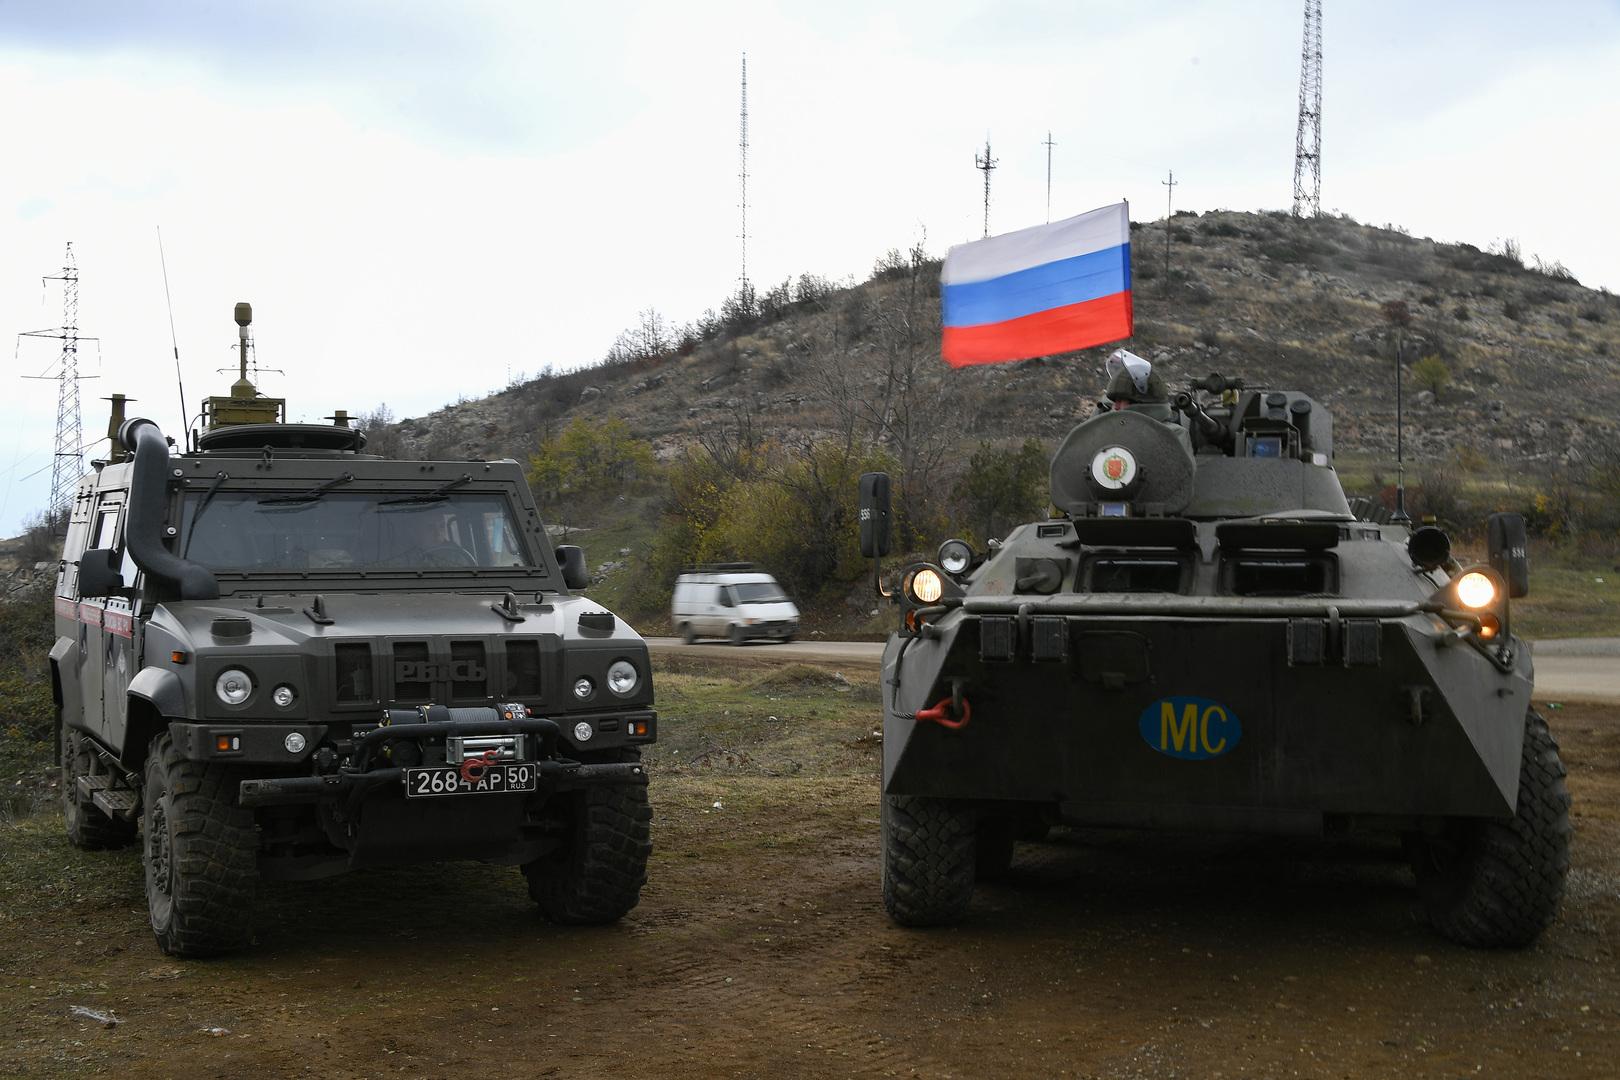 دورية لقوات حفظ السلام الروسية في قره باغ